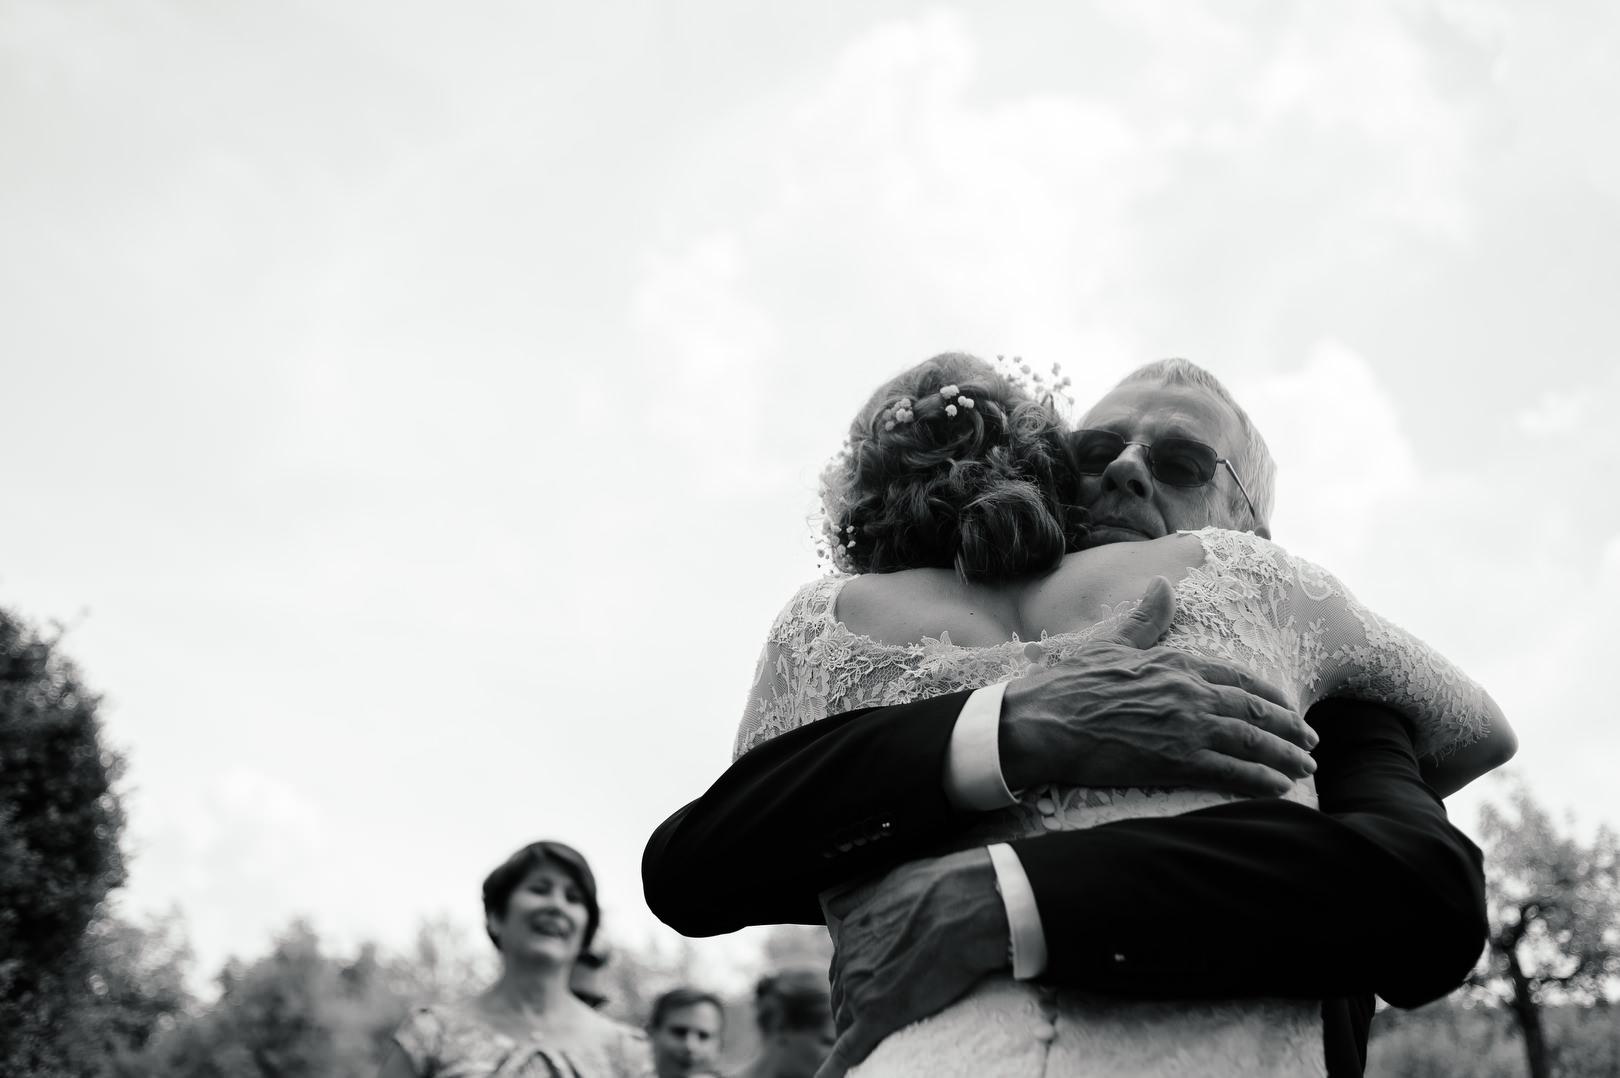 Destination wedding im Stift St. Georgen am Längsee: S + A Hochzeit  Hochzeitstag Hochzeitslocation Hochzeitsfotograf Österreich Hochzeit in Österreich Hochzeit im Freien Garden Wedding fotoreportage Fantastische Bilder boho wedding Boho Hochzeit